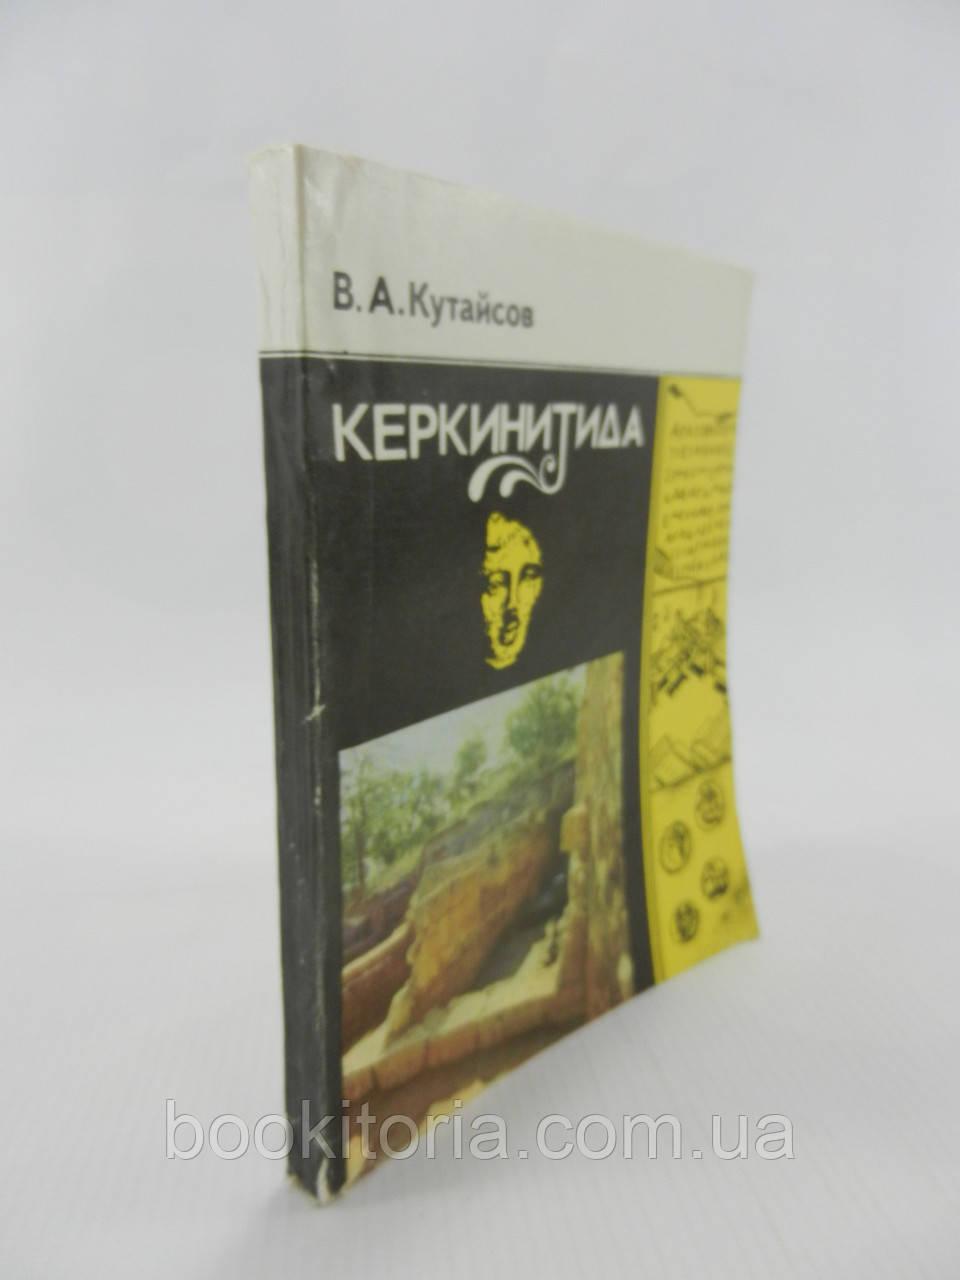 Кутайсов В. Керкинитида (б/у).